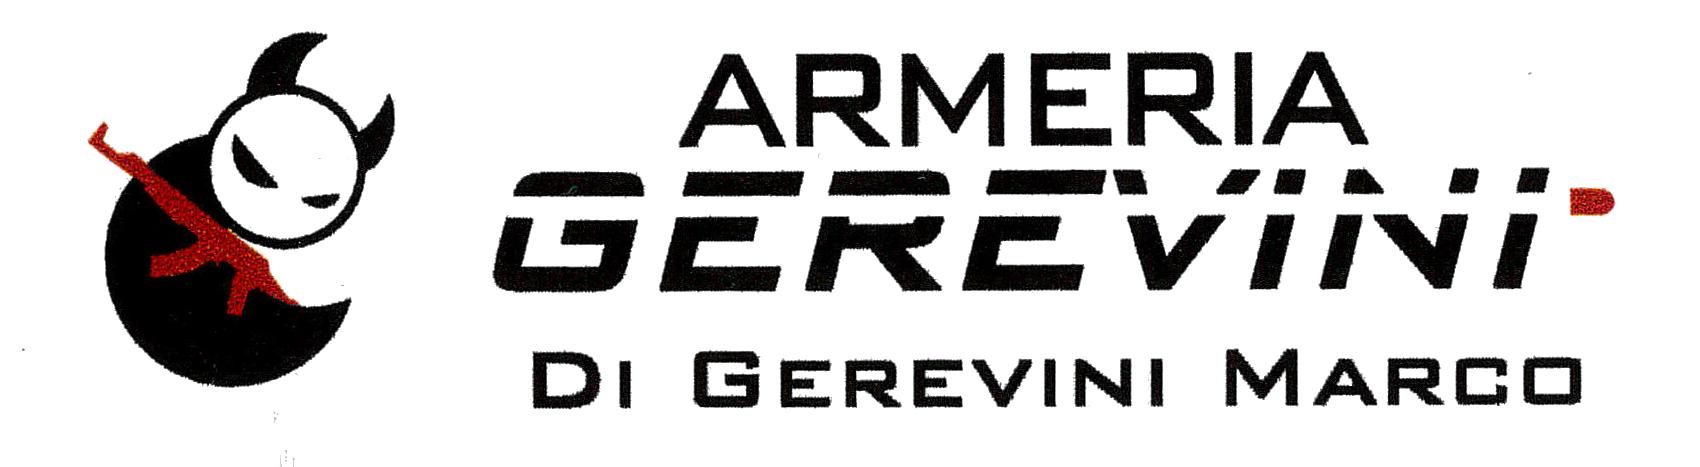 Armeria Gerevini